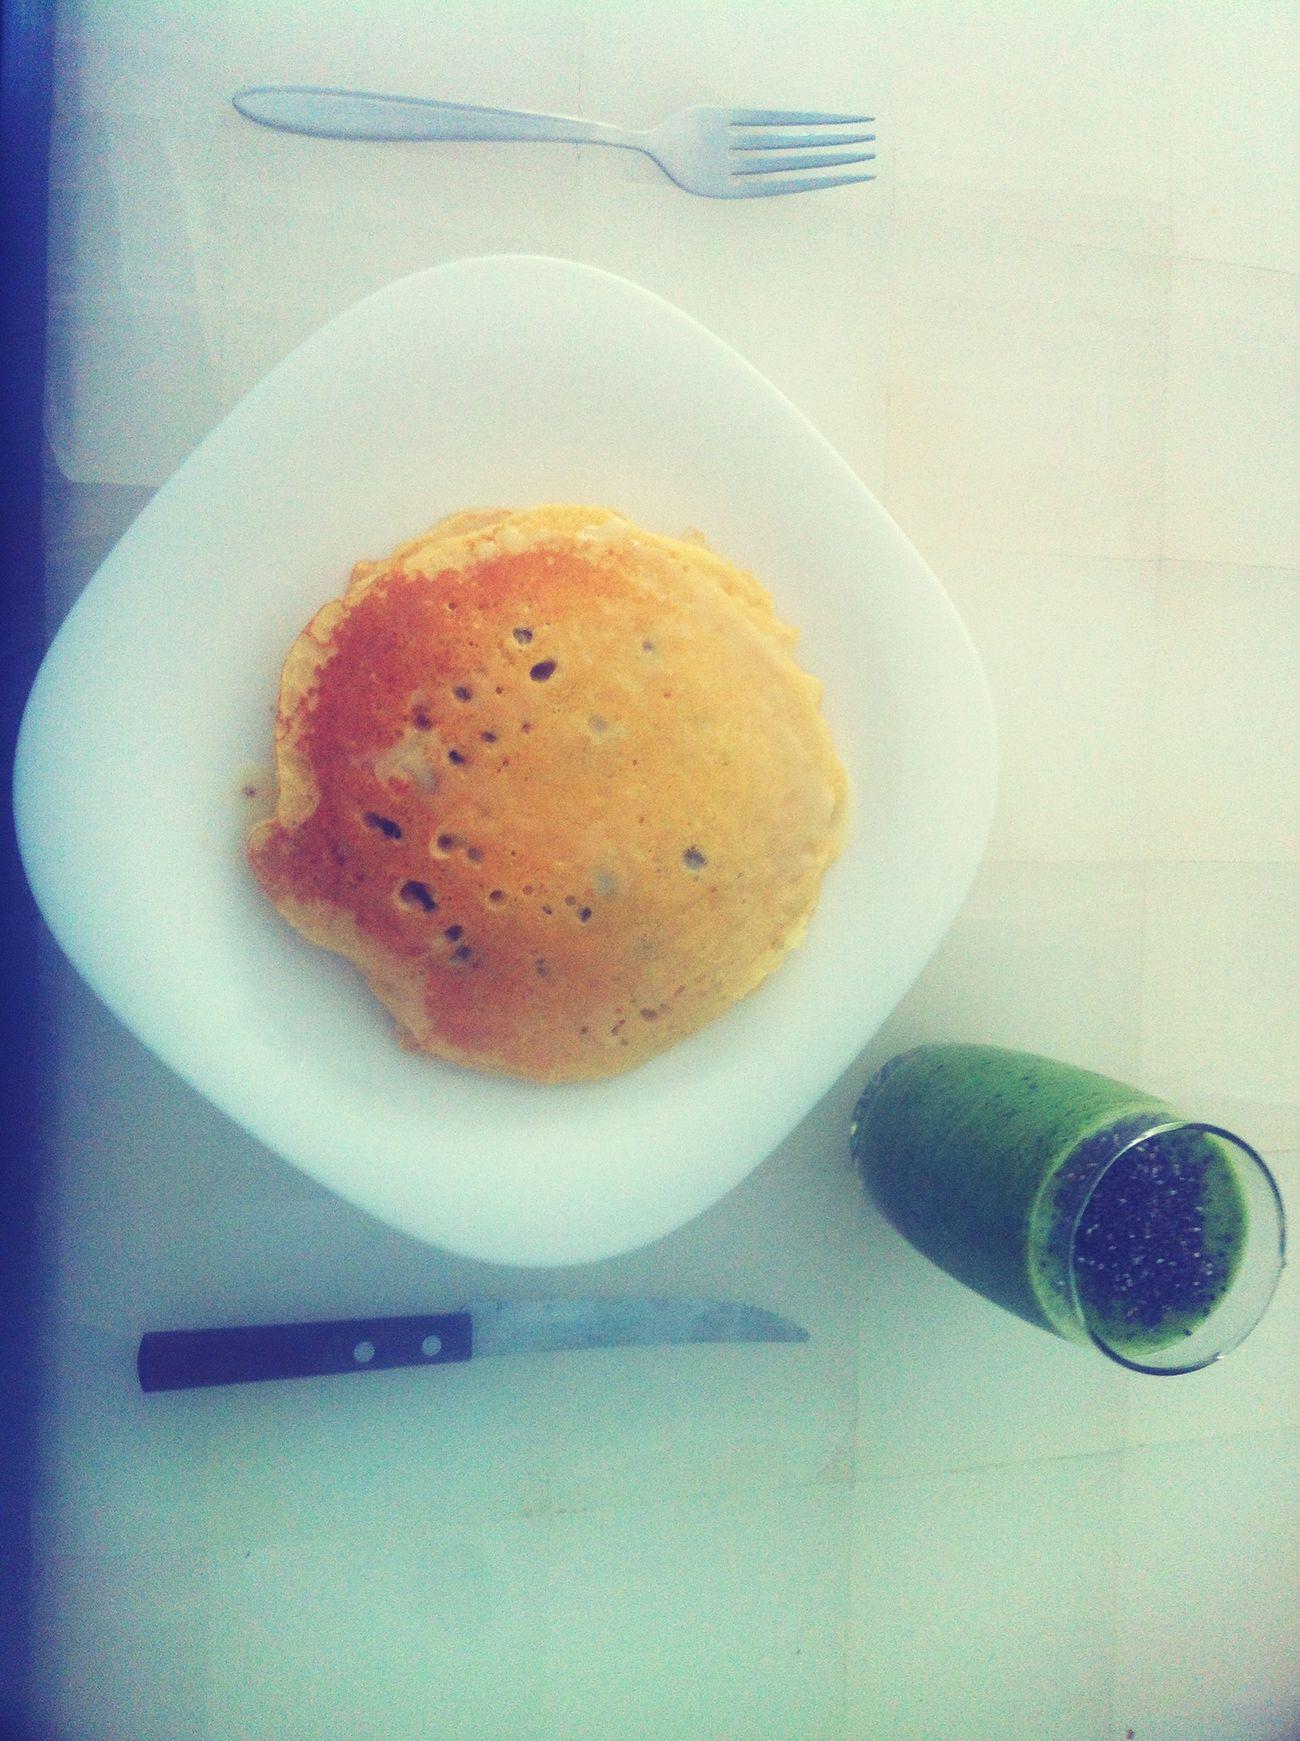 Yummy Pancakes Foodporn Food Green Juice Blueberries Breakfast